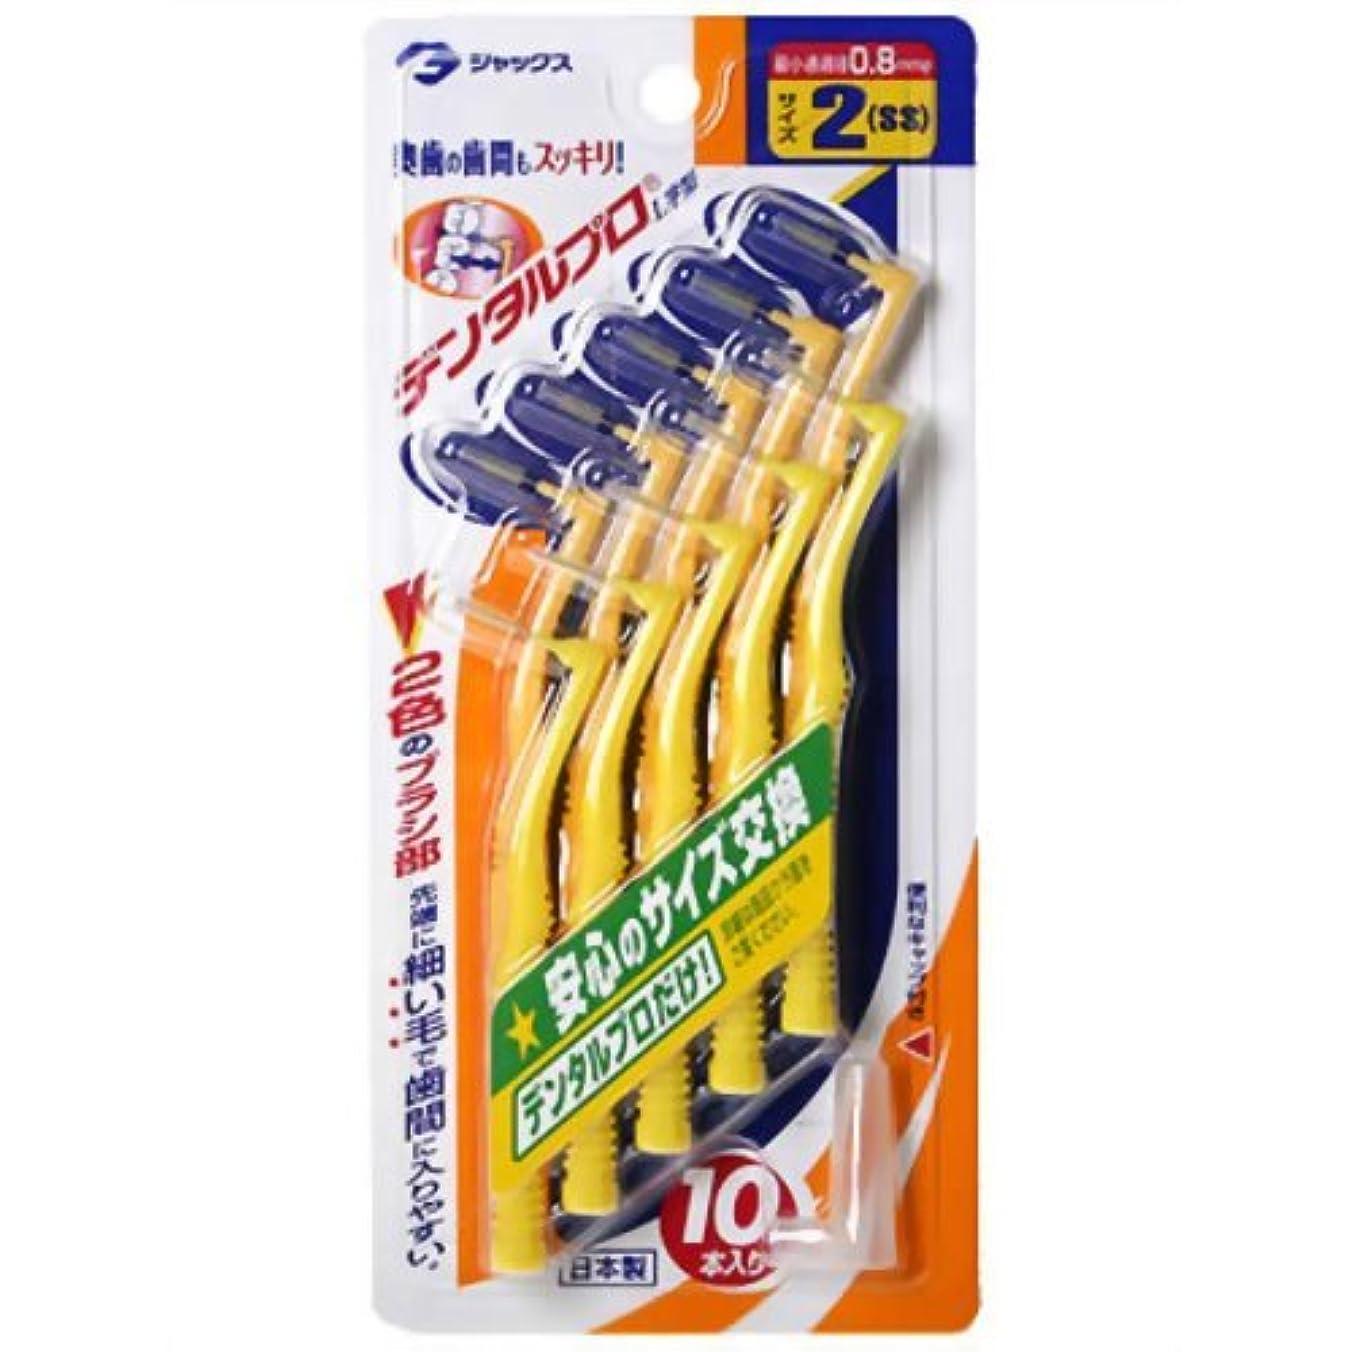 機械的に火薬不条理デンタルプロ L字型歯間ブラシ サイズ2(SS) ×6個セット